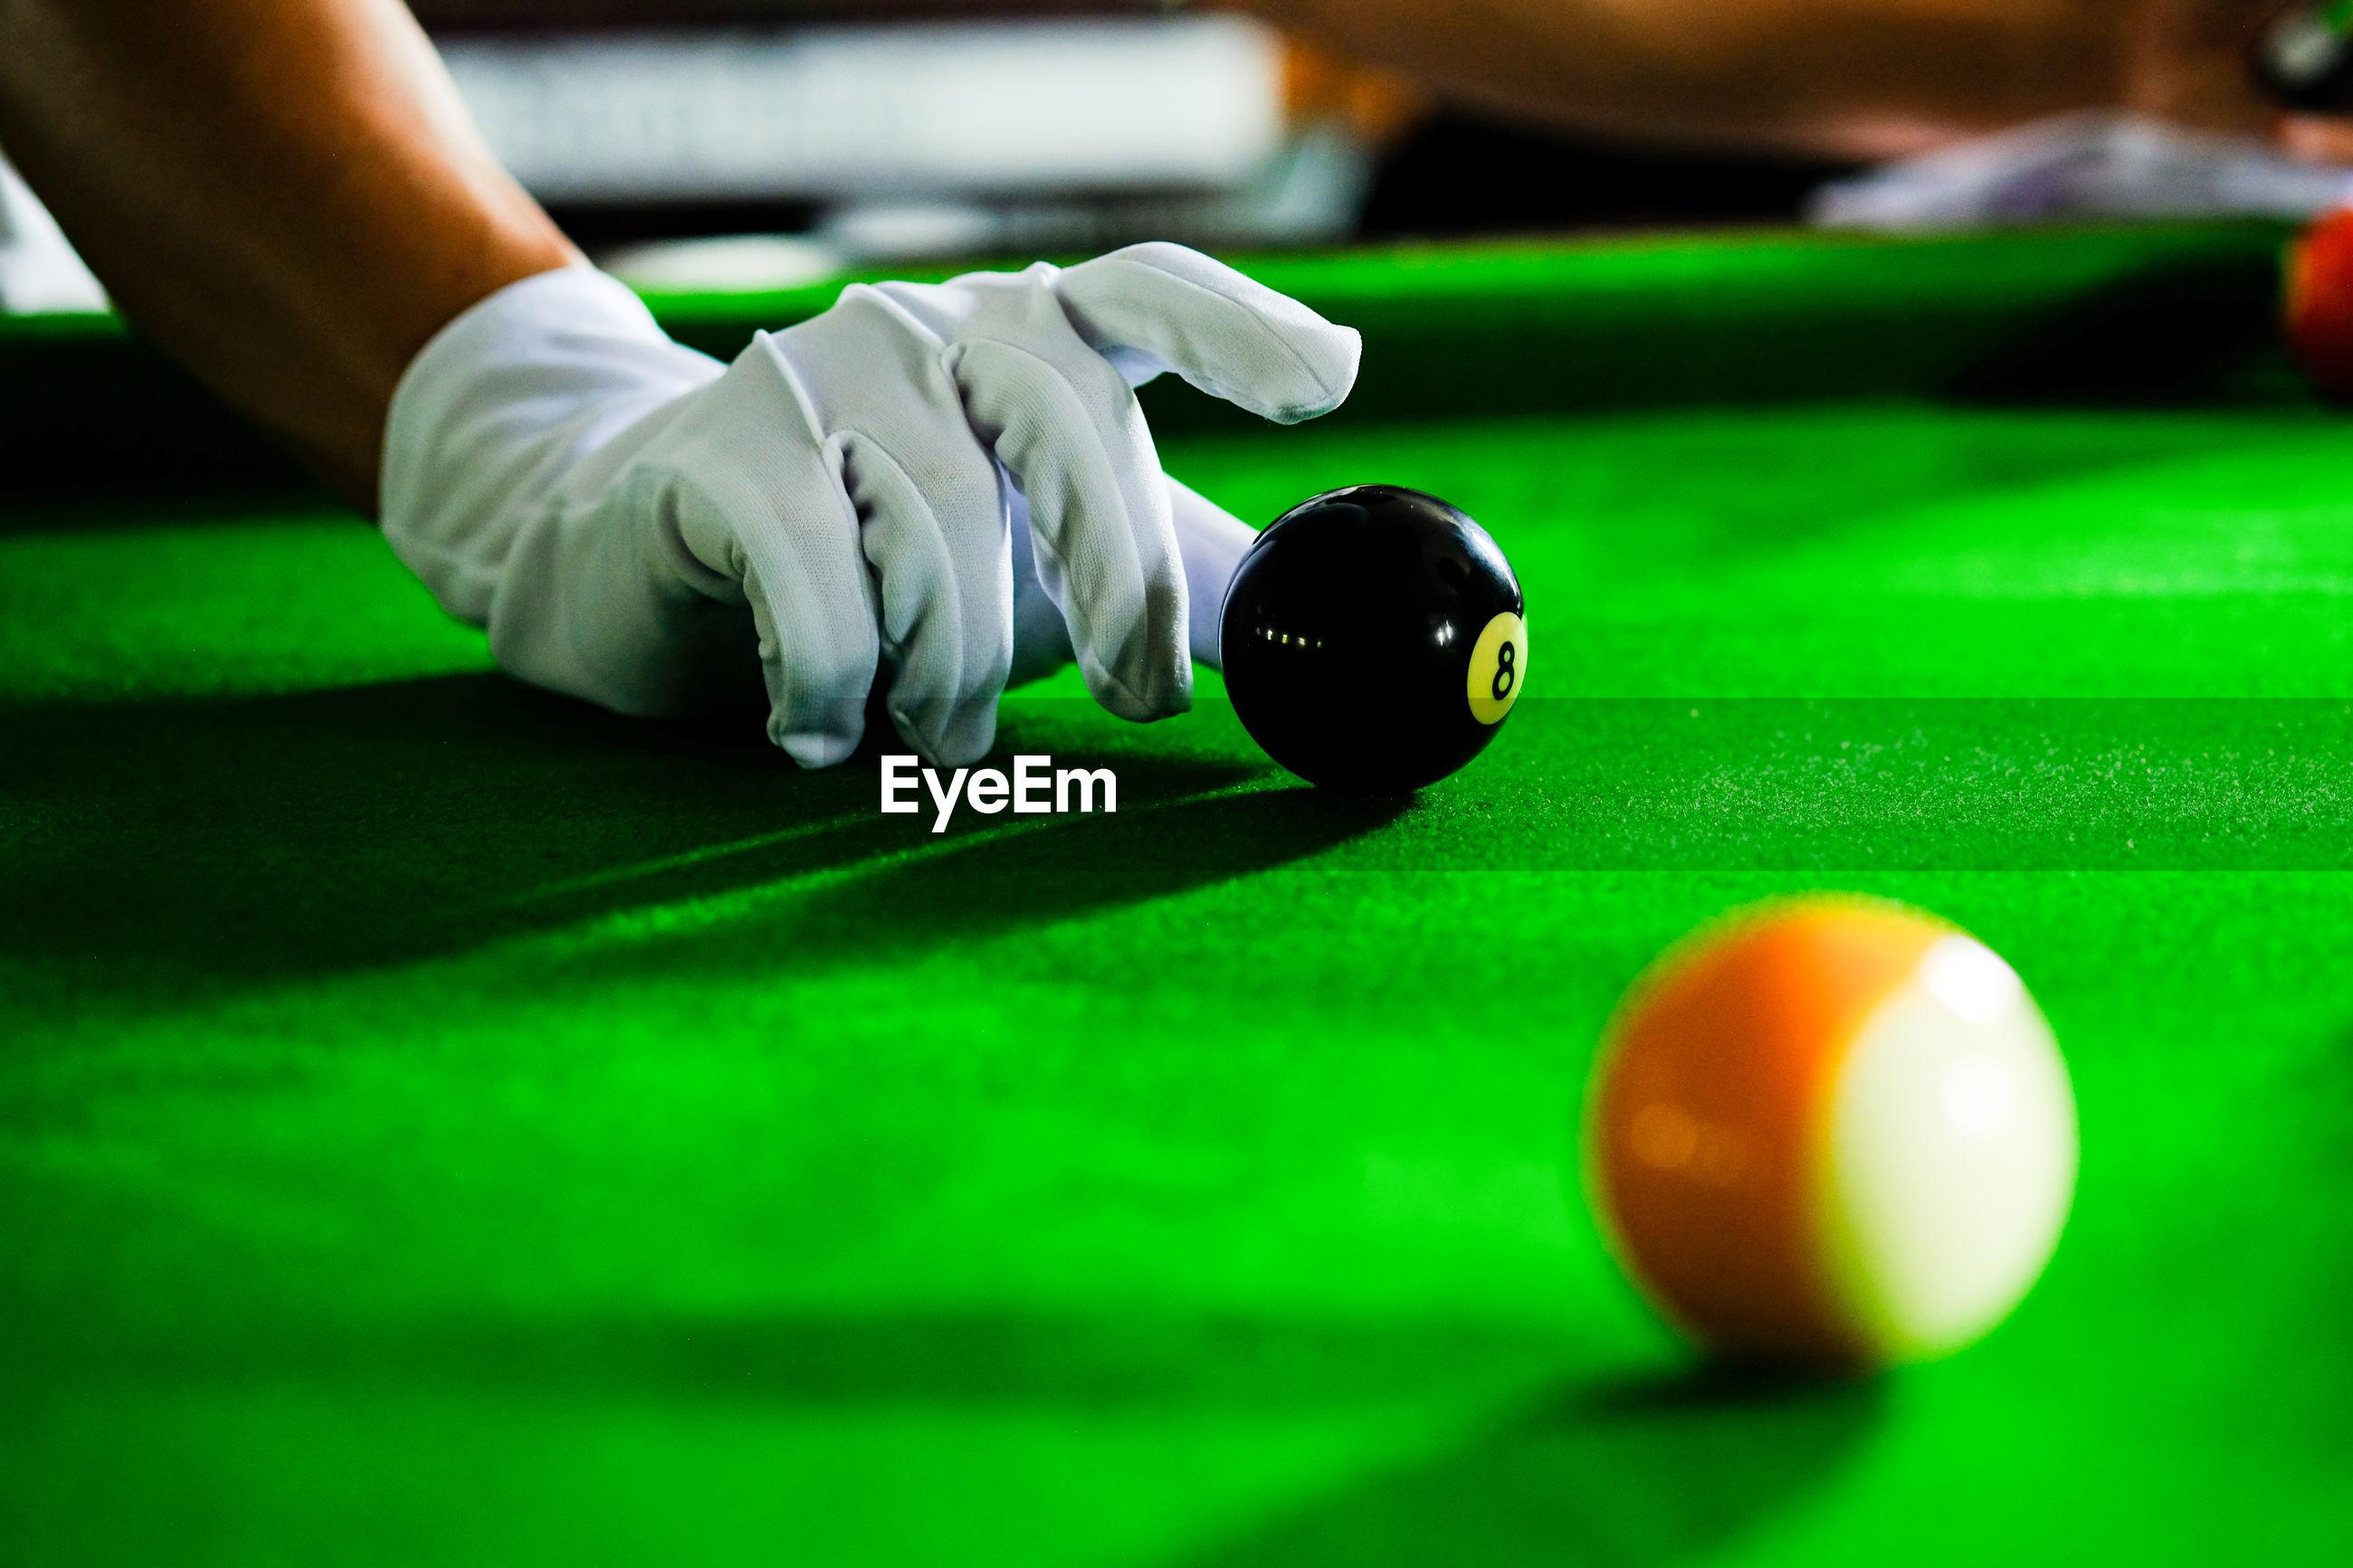 Man playing pool ball on table